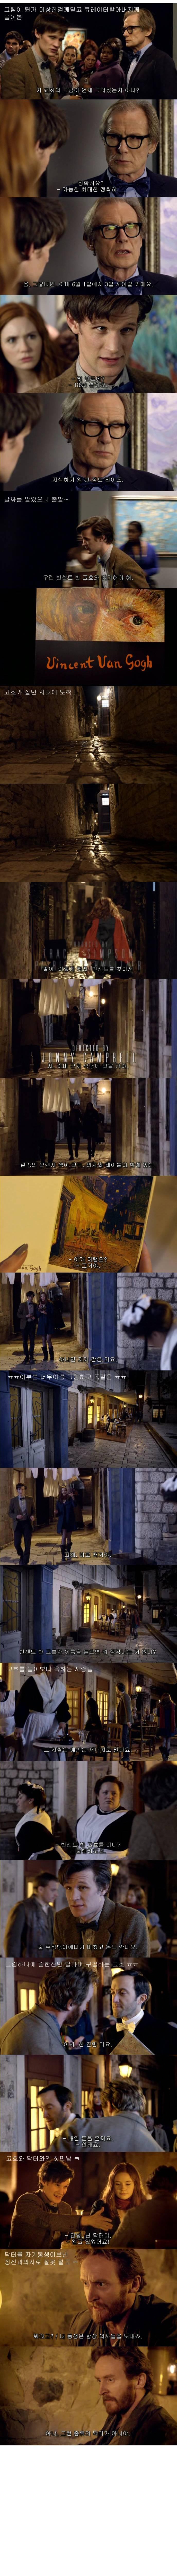 닥터후의 레전드 에피소드중 하나인 시즌 5 - 10 반고흐편 | 인스티즈